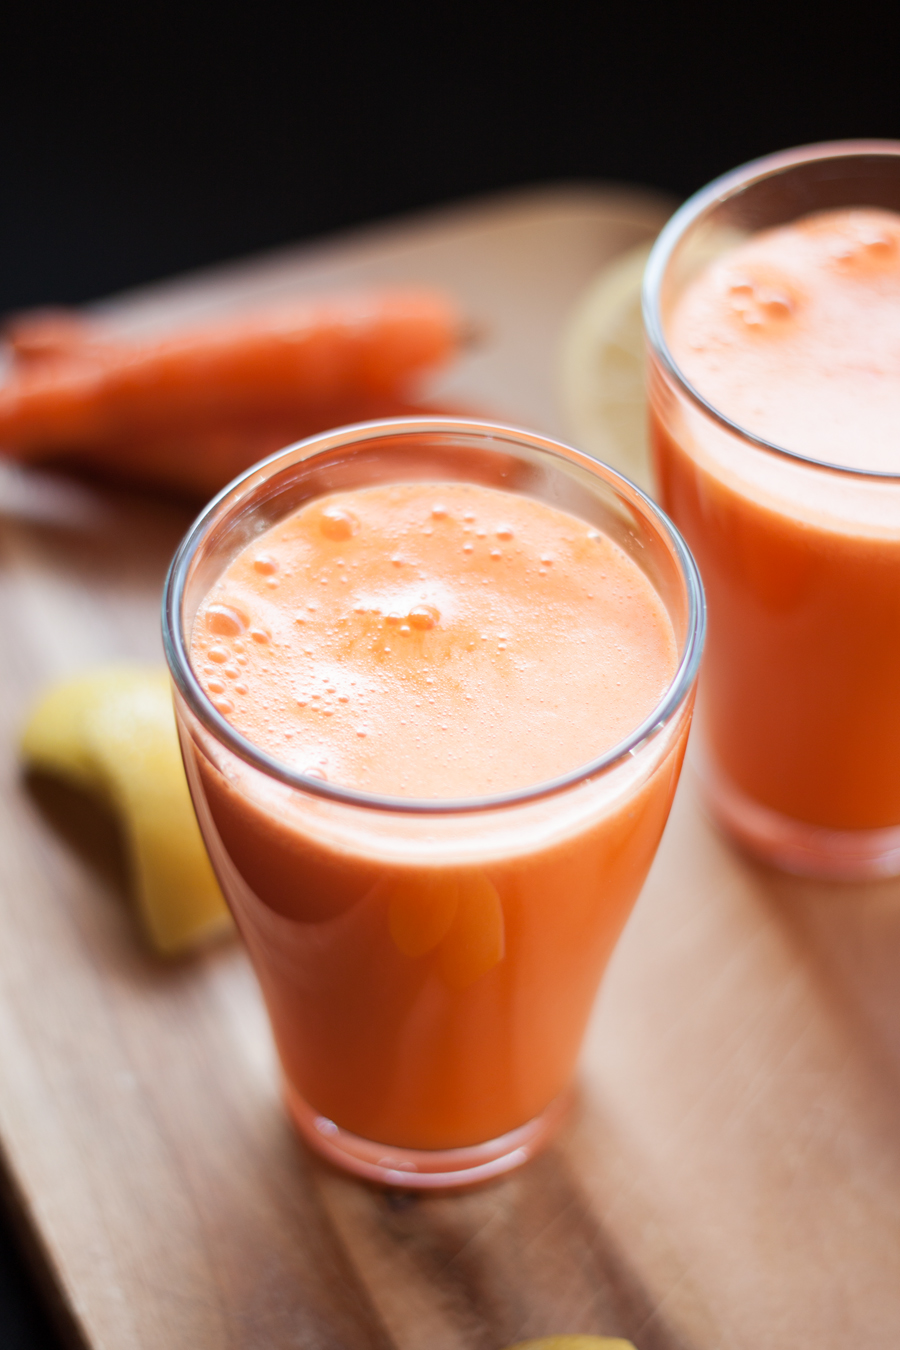 carrot-kale-juice-recipe